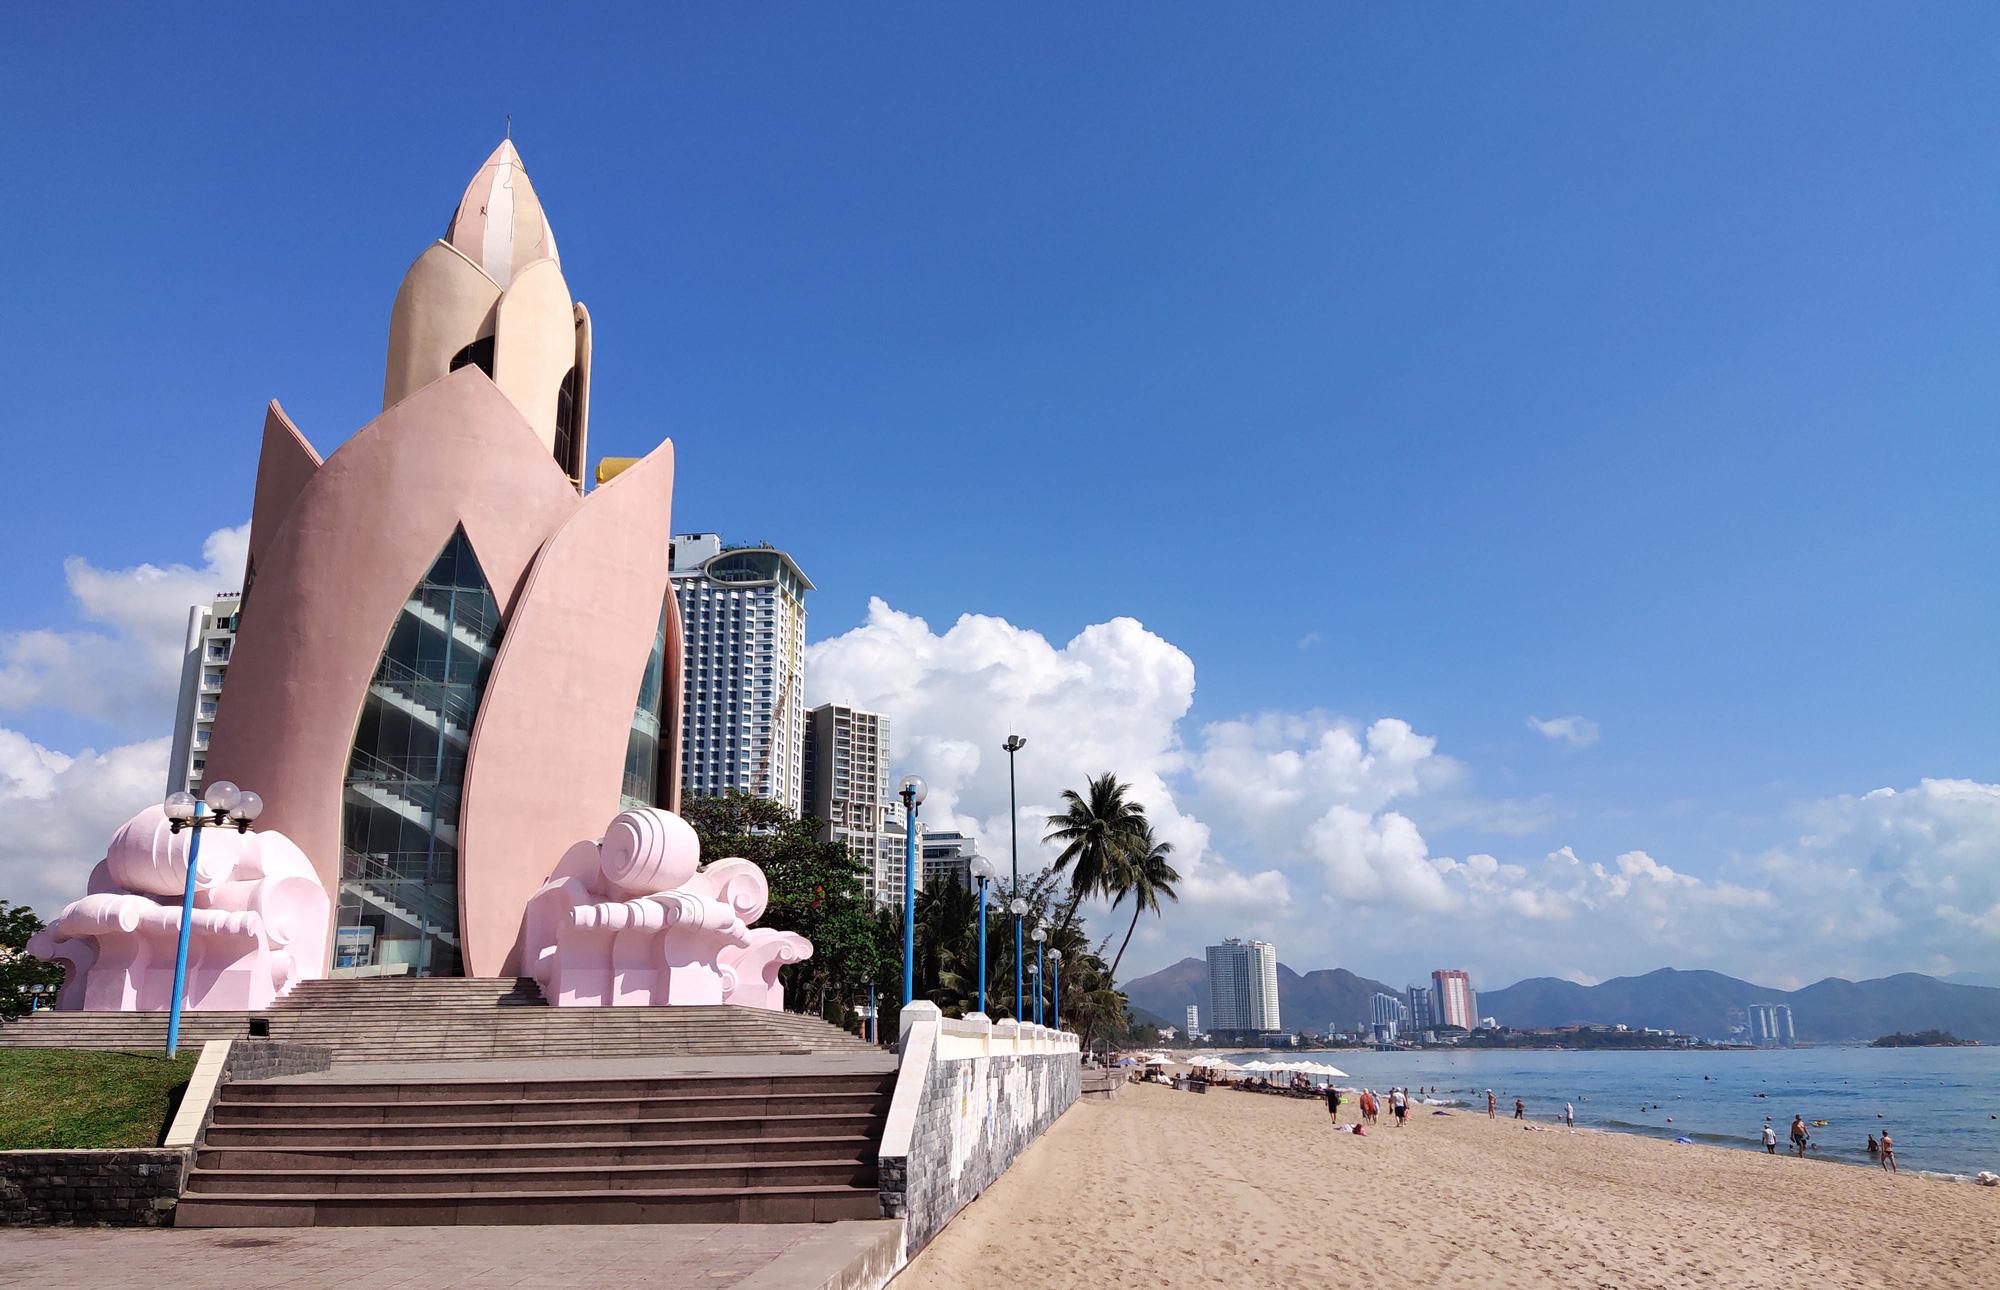 Khánh Hòa: Du lịch thiệt hại 5.400 tỉ đồng và hơn 17.000 lao động bị cắt giảm, mất việc - Ảnh 5.